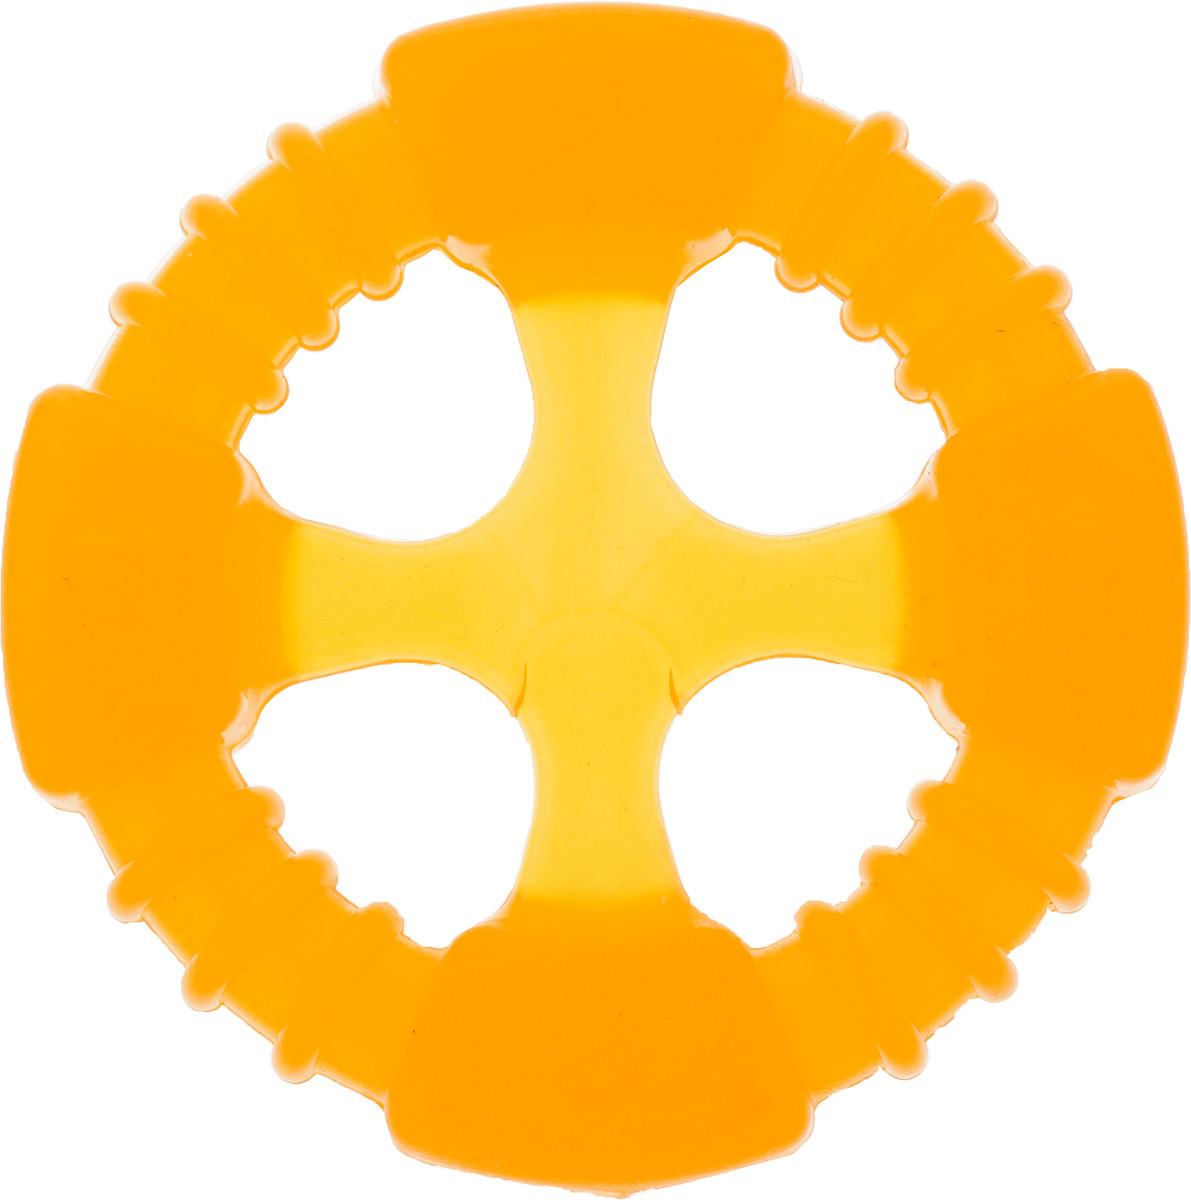 Игрушка для собак Doglike Кольцо Космос, 10 х 10 х 2 см411Игрушка Doglike Кольцо Космос служит для массажа десен и очистки зубов от налета и камня, а также снимает нервное напряжение. Игрушка выполнена из резины. Она прочная и может выдержать огромное количество часов игры. Это идеальная замена косточке.Если ваш пес портит мебель, излишне агрессивен, непослушен или страдает излишним весом то, скорее всего, корень всех бед кроется в недостаточной физической и эмоциональной нагрузке. Порадуйте своего питомца прекрасным и качественным подарком.